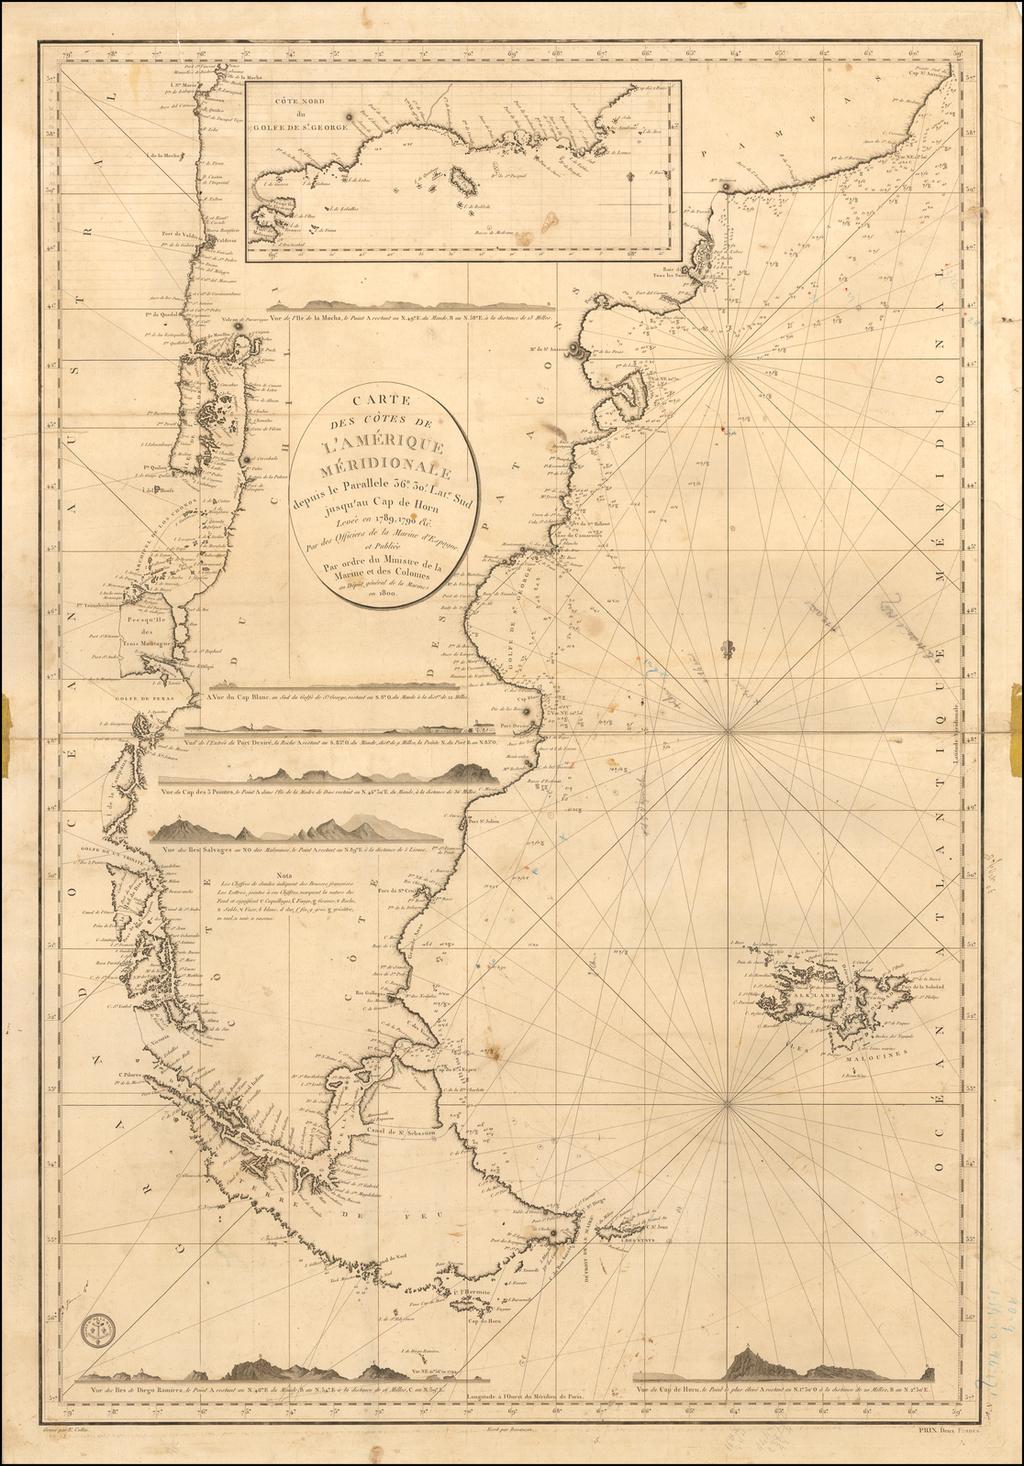 Carte Des Cotes de L'Amerique Meridionale depuis le Parallele 36° 30' late. Sud jusqu'au Cap de Horn Levée en 1789, 1790, &c. par des officiers de la Marine en 1800 By Depot de la Marine